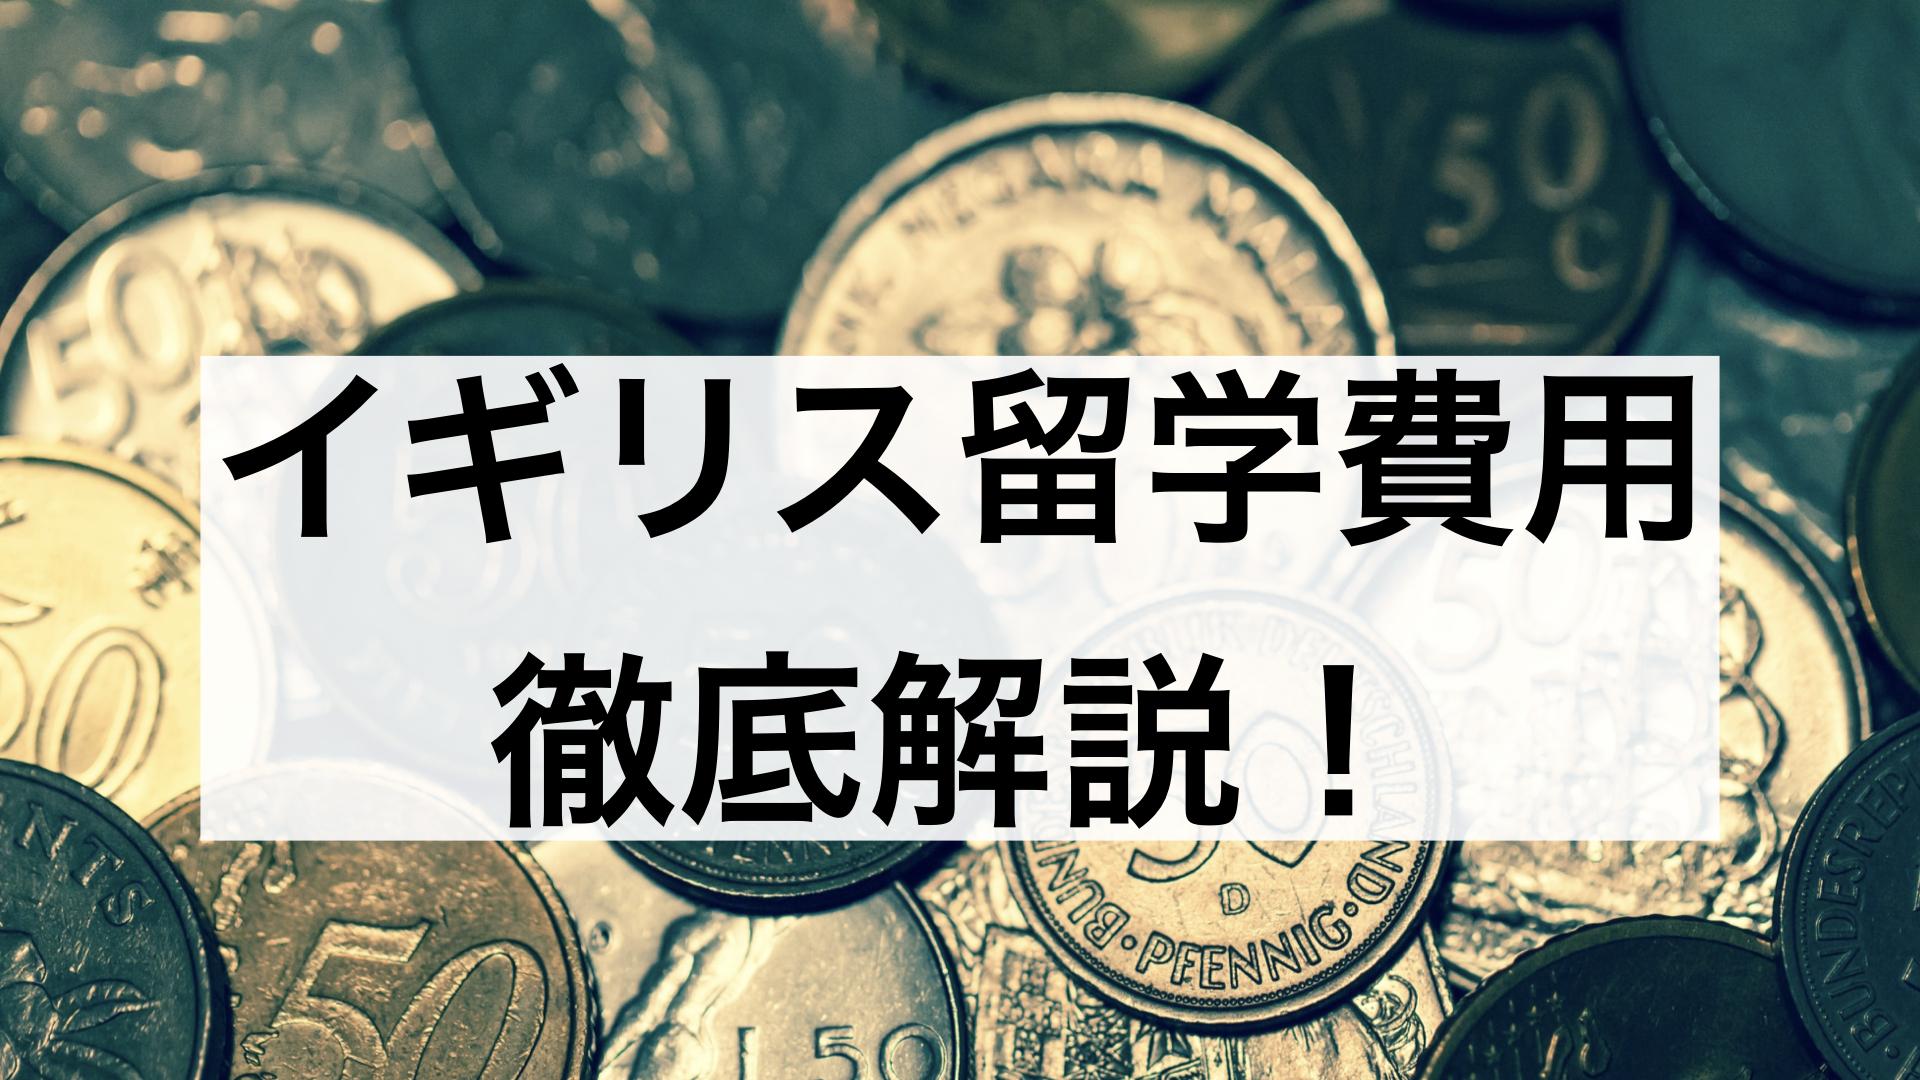 1年間で600万円?イギリス留学の費用は高額!?おすすめできる節約術まで